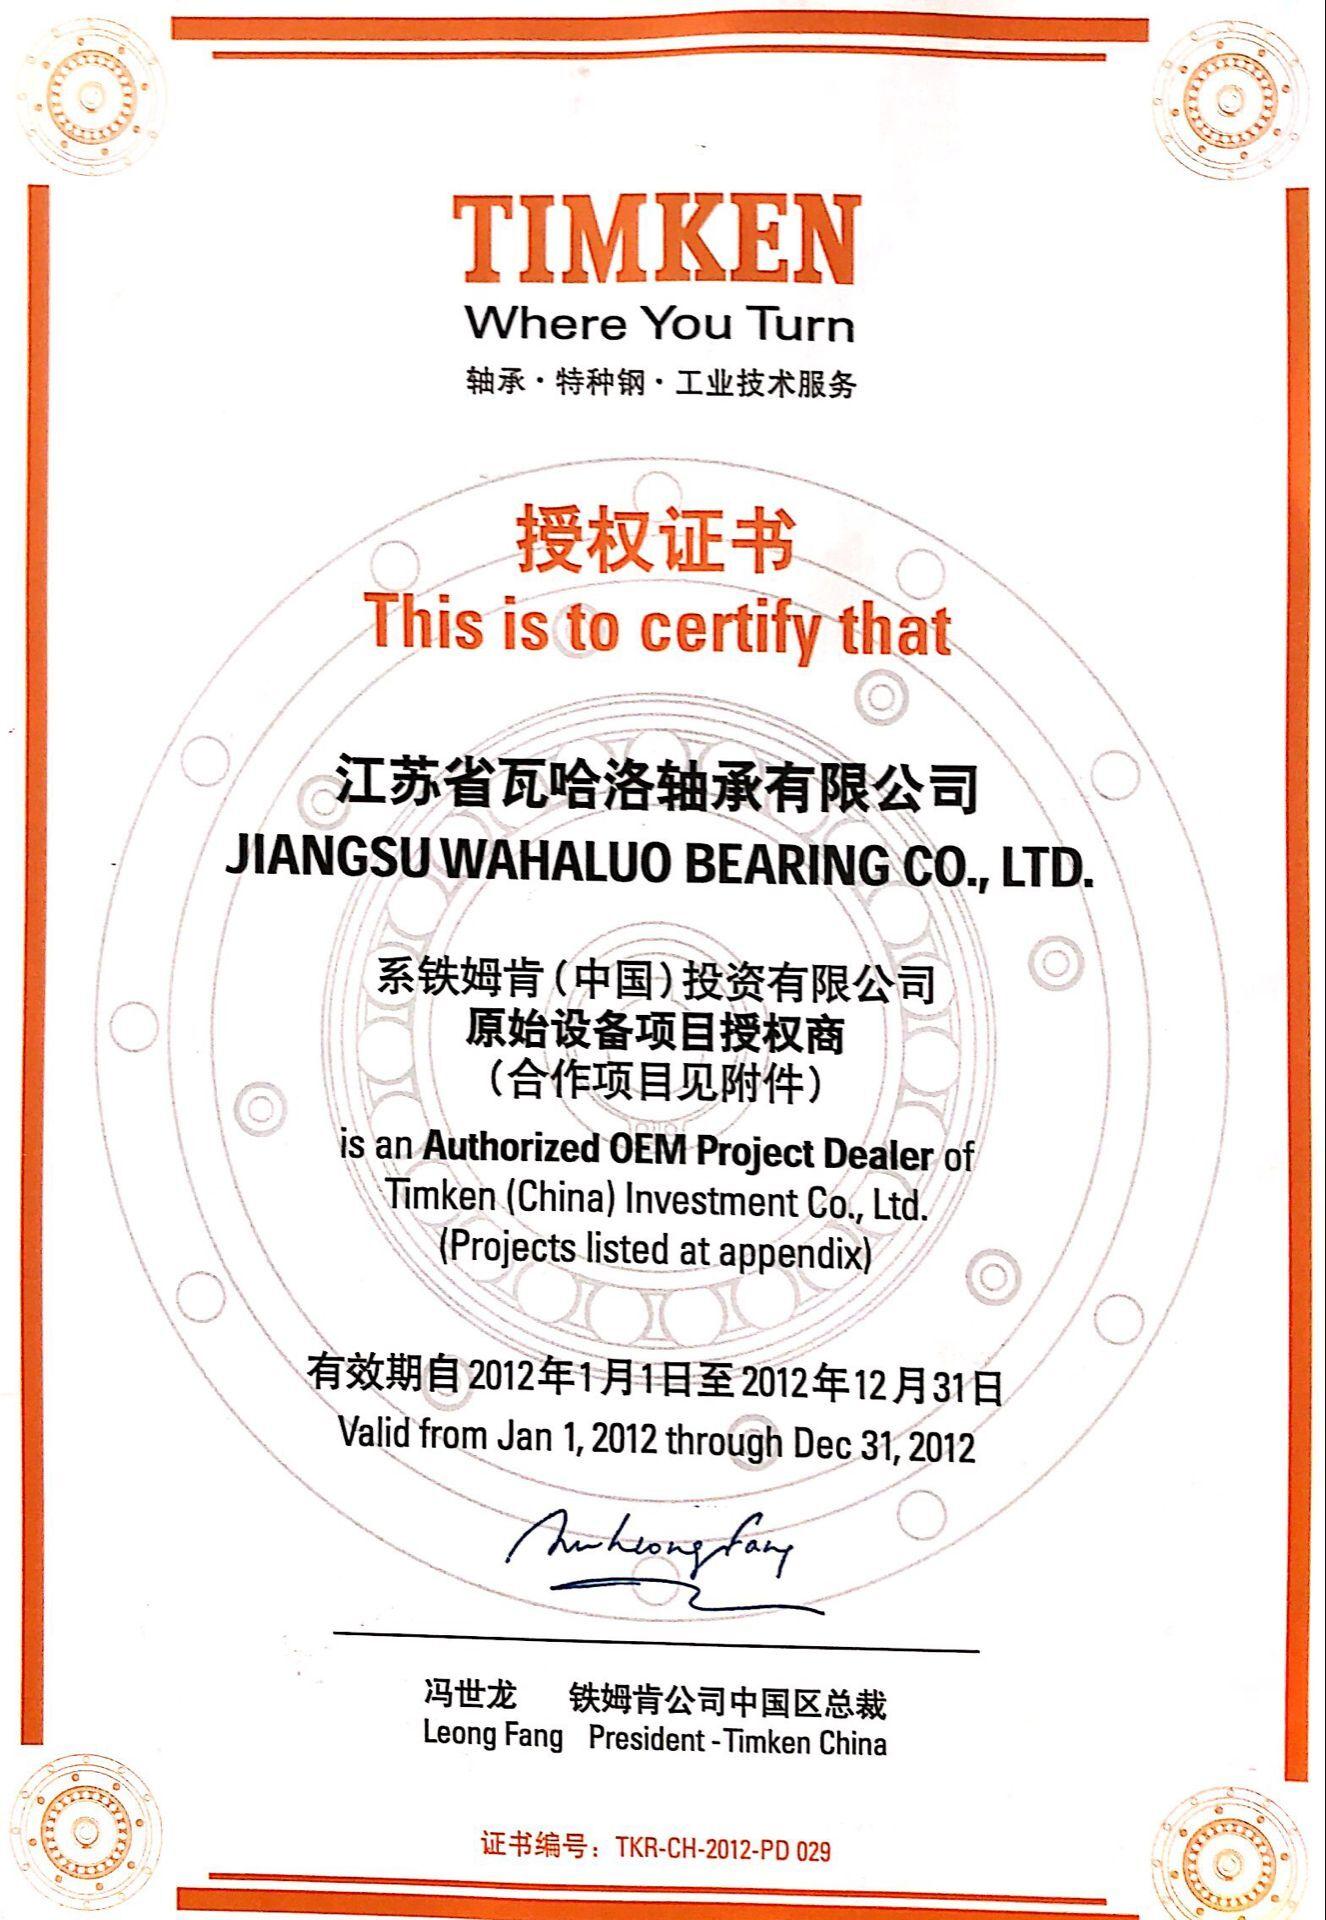 TIMKEN授权瓦哈洛2012年证书